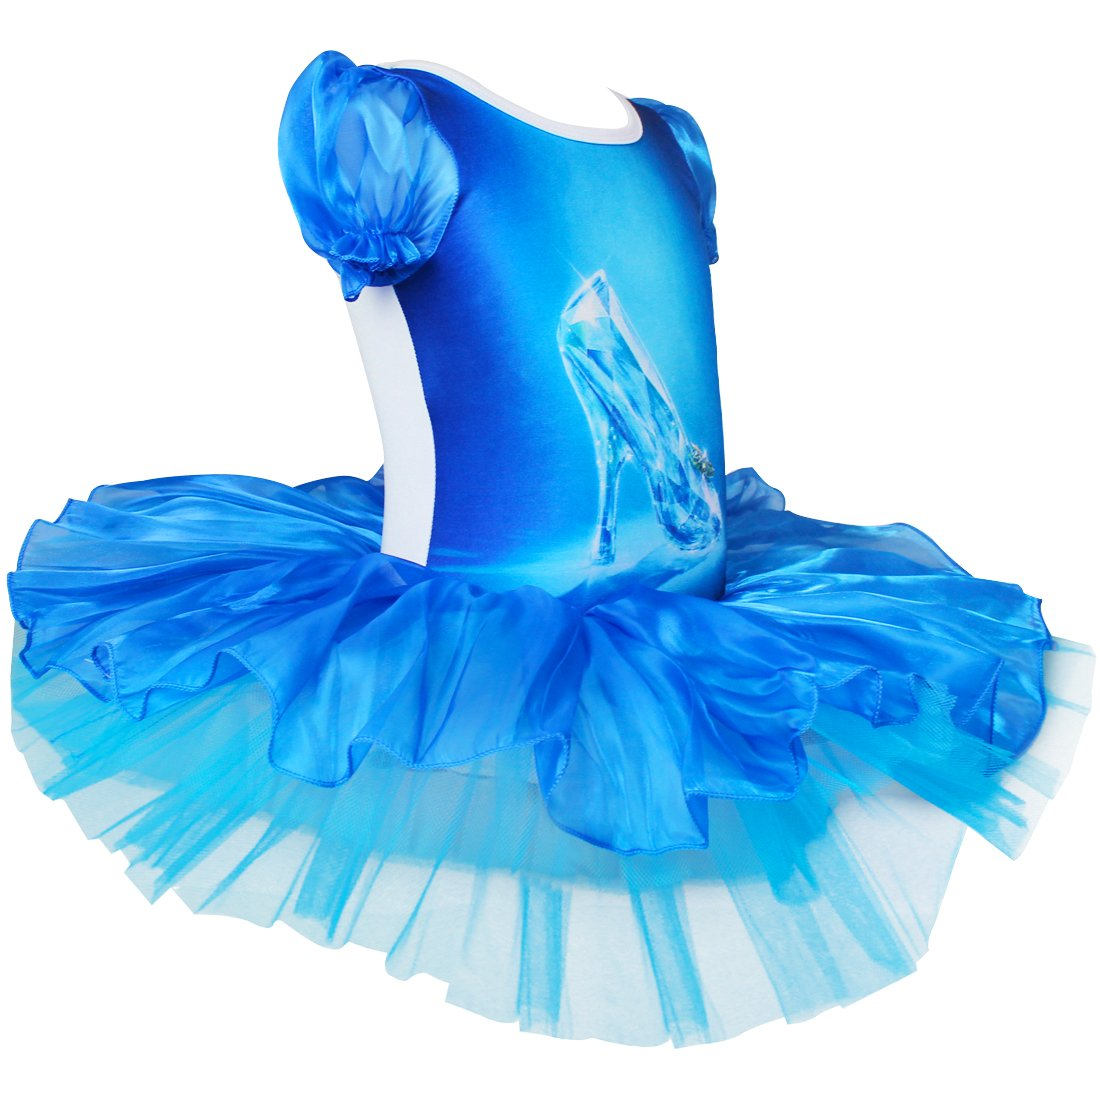 iEFiEL - Disfraz de tutú de ballet zapatos de baile vestido de cristal para niñas disfraces, color azul, tamaño 10 años: Amazon.es: Deportes y aire libre